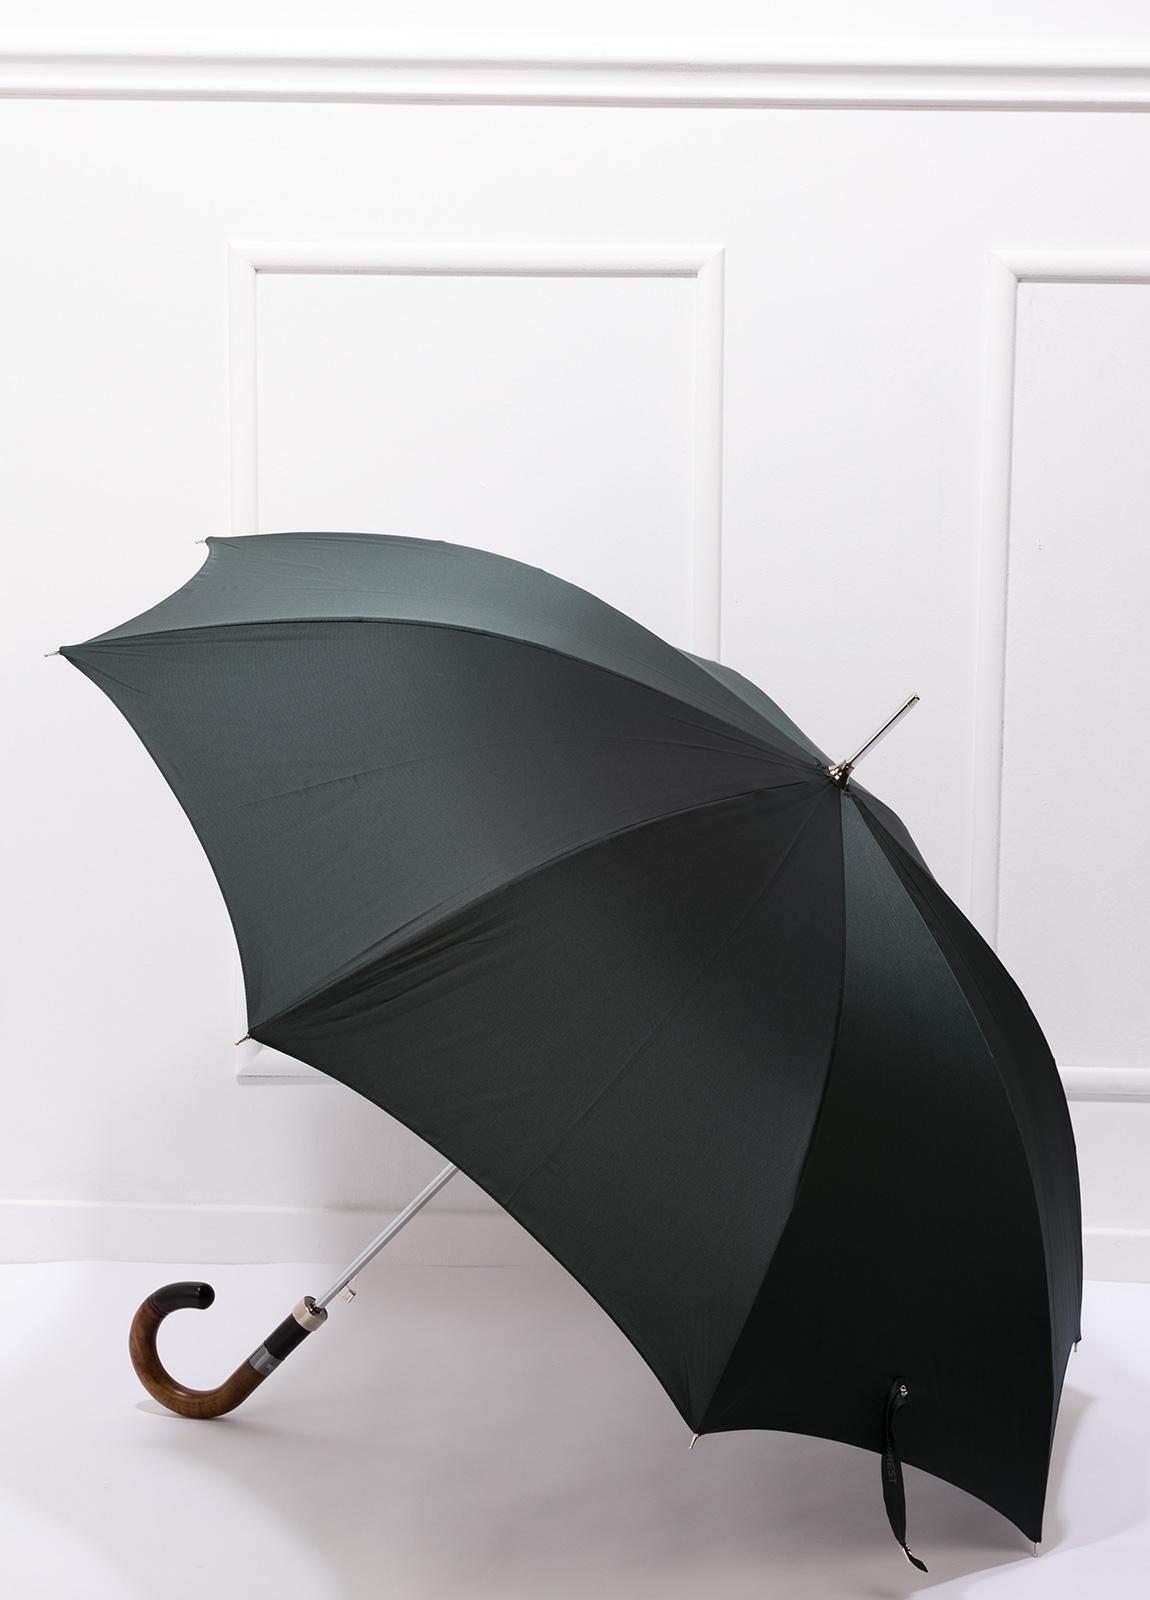 Paraguas con diseño liso color verde y puño de madera.